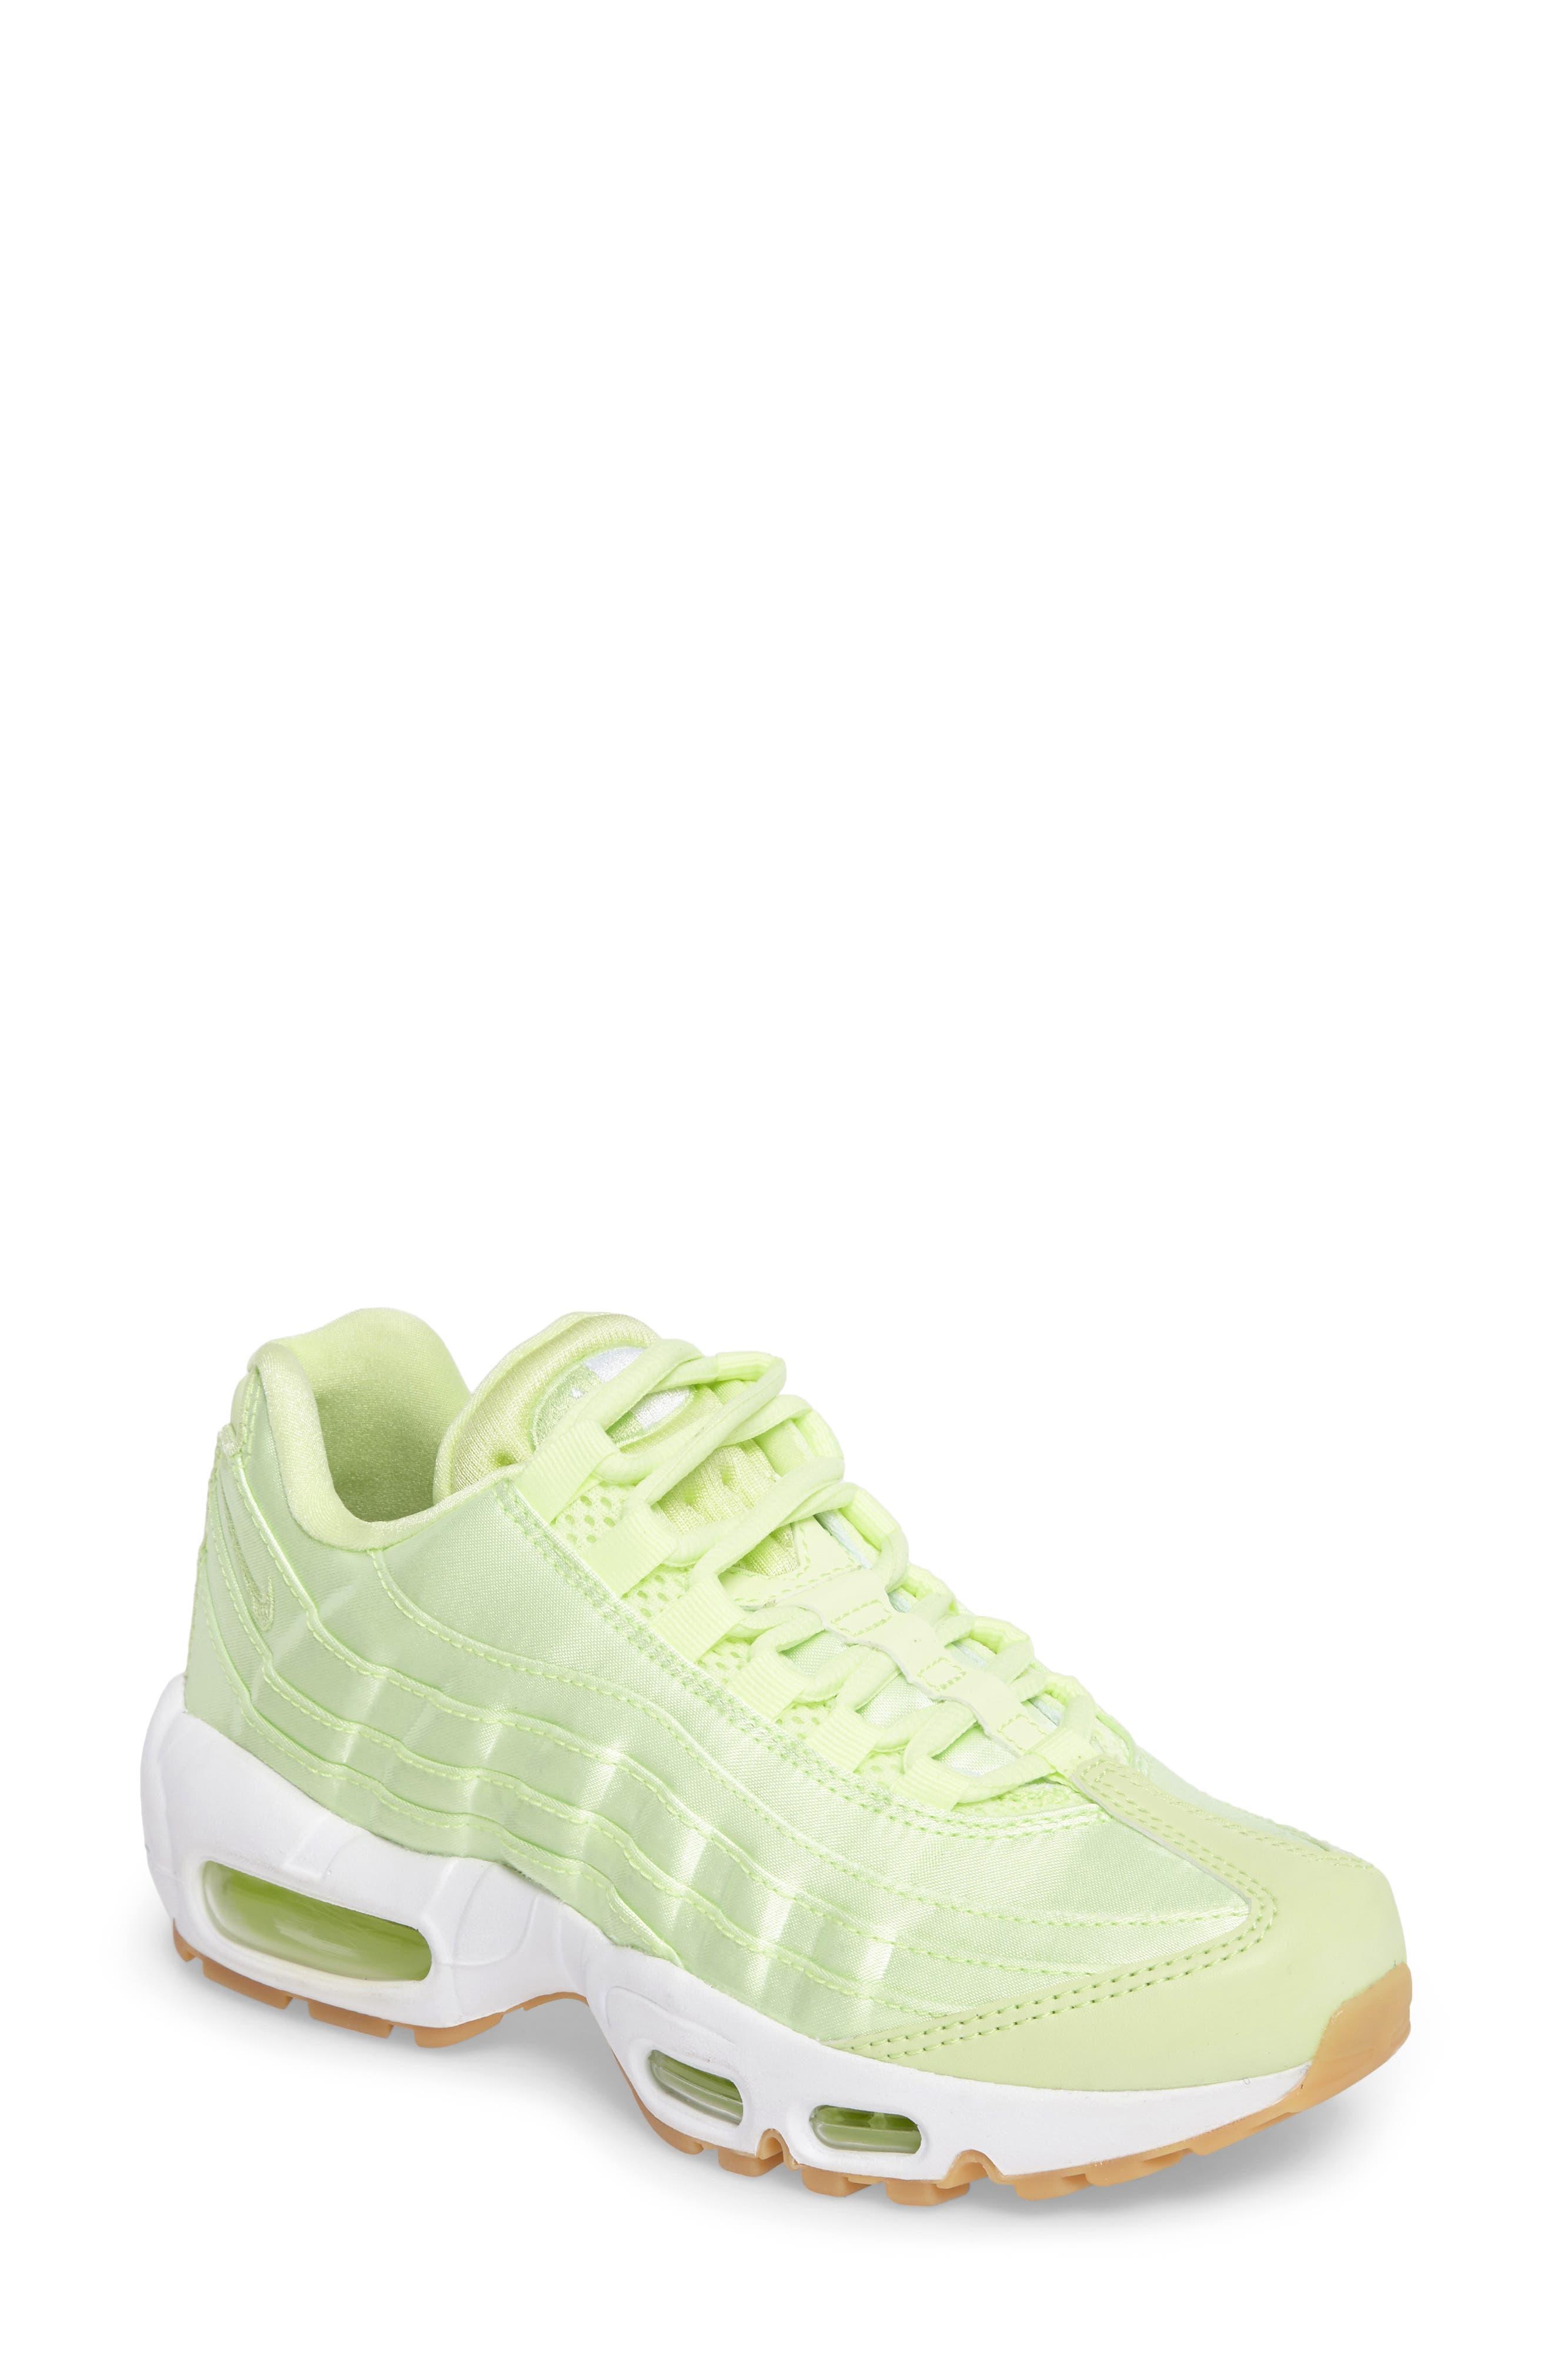 Air Max 95 QS Running Shoe,                         Main,                         color, Liquid Lime/ Liquid Lime